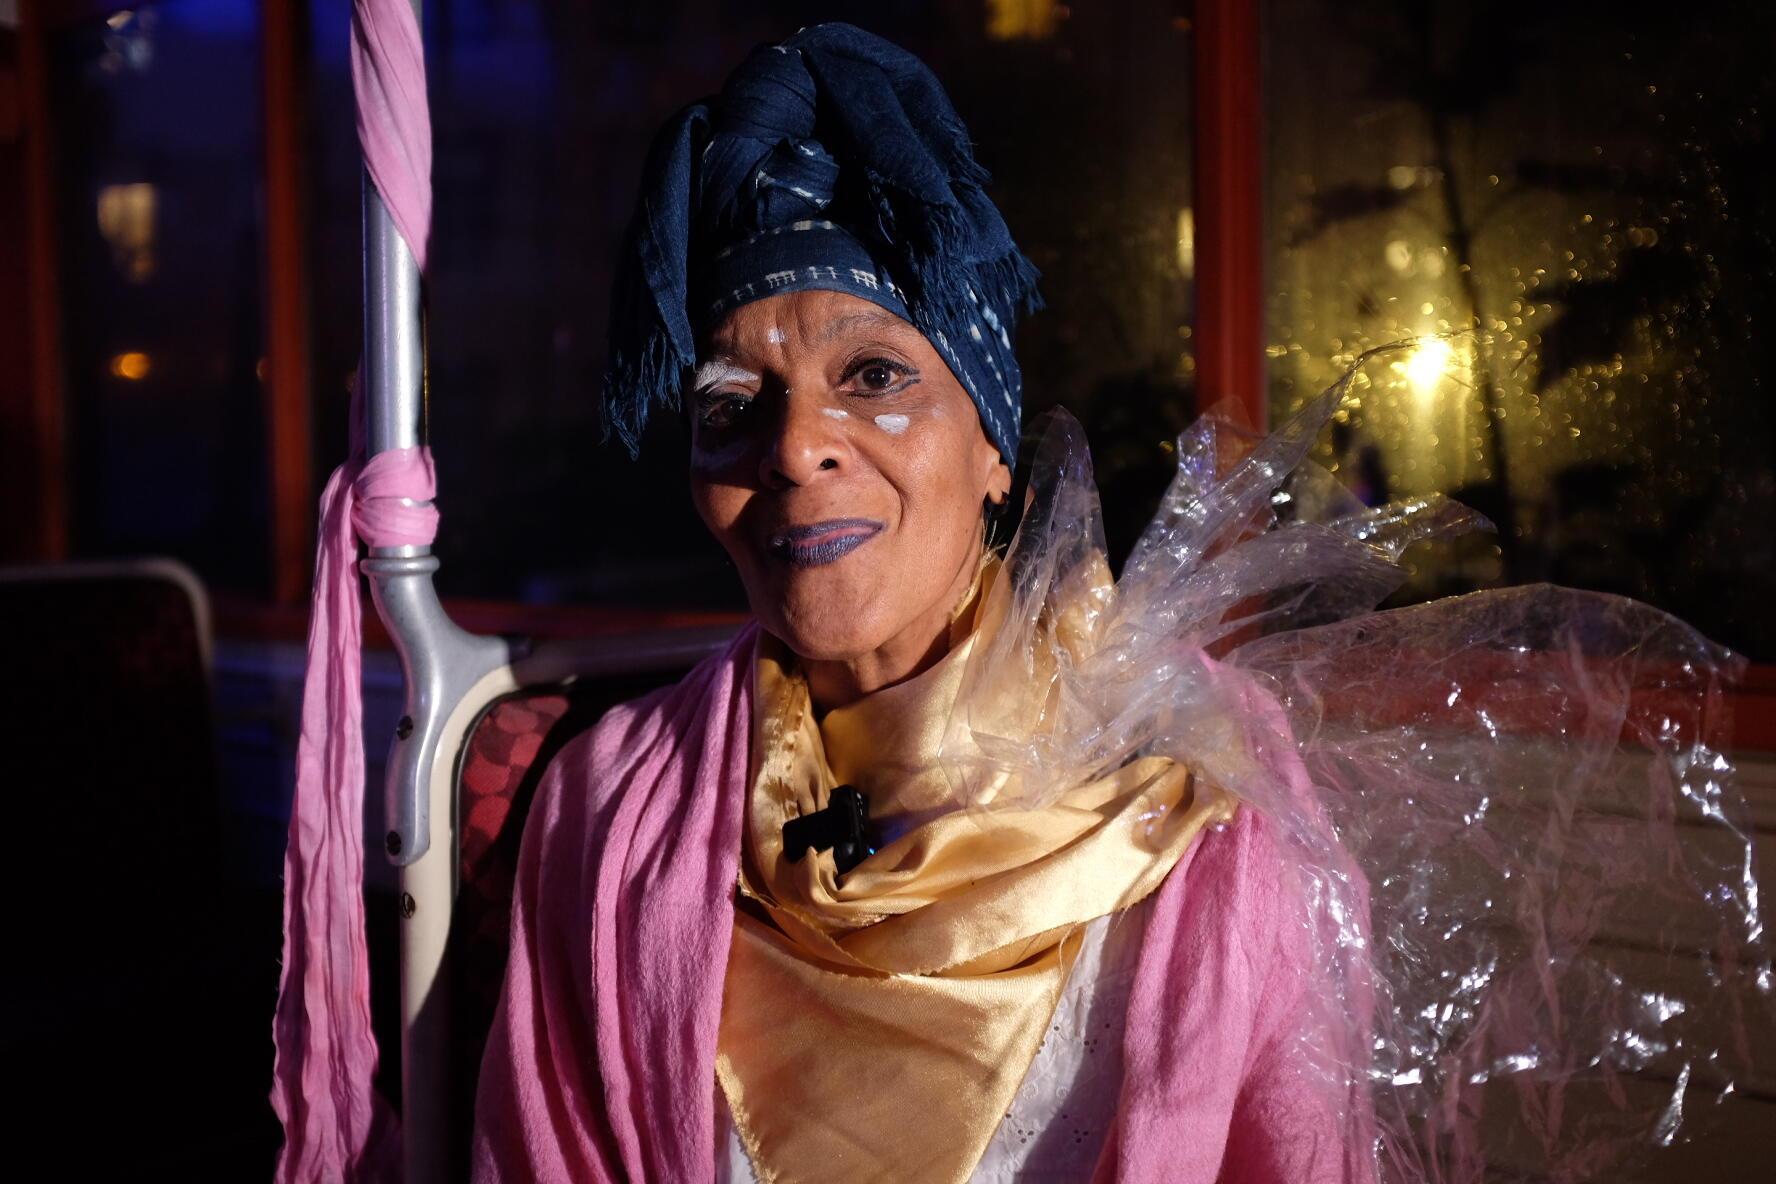 La chorégraphe martiniquaise Josiane Antourel après son spectacle participatif « Rituels vagabonds » au festival des Francophonies à Limoges, « Les Zébrures d'automne ».